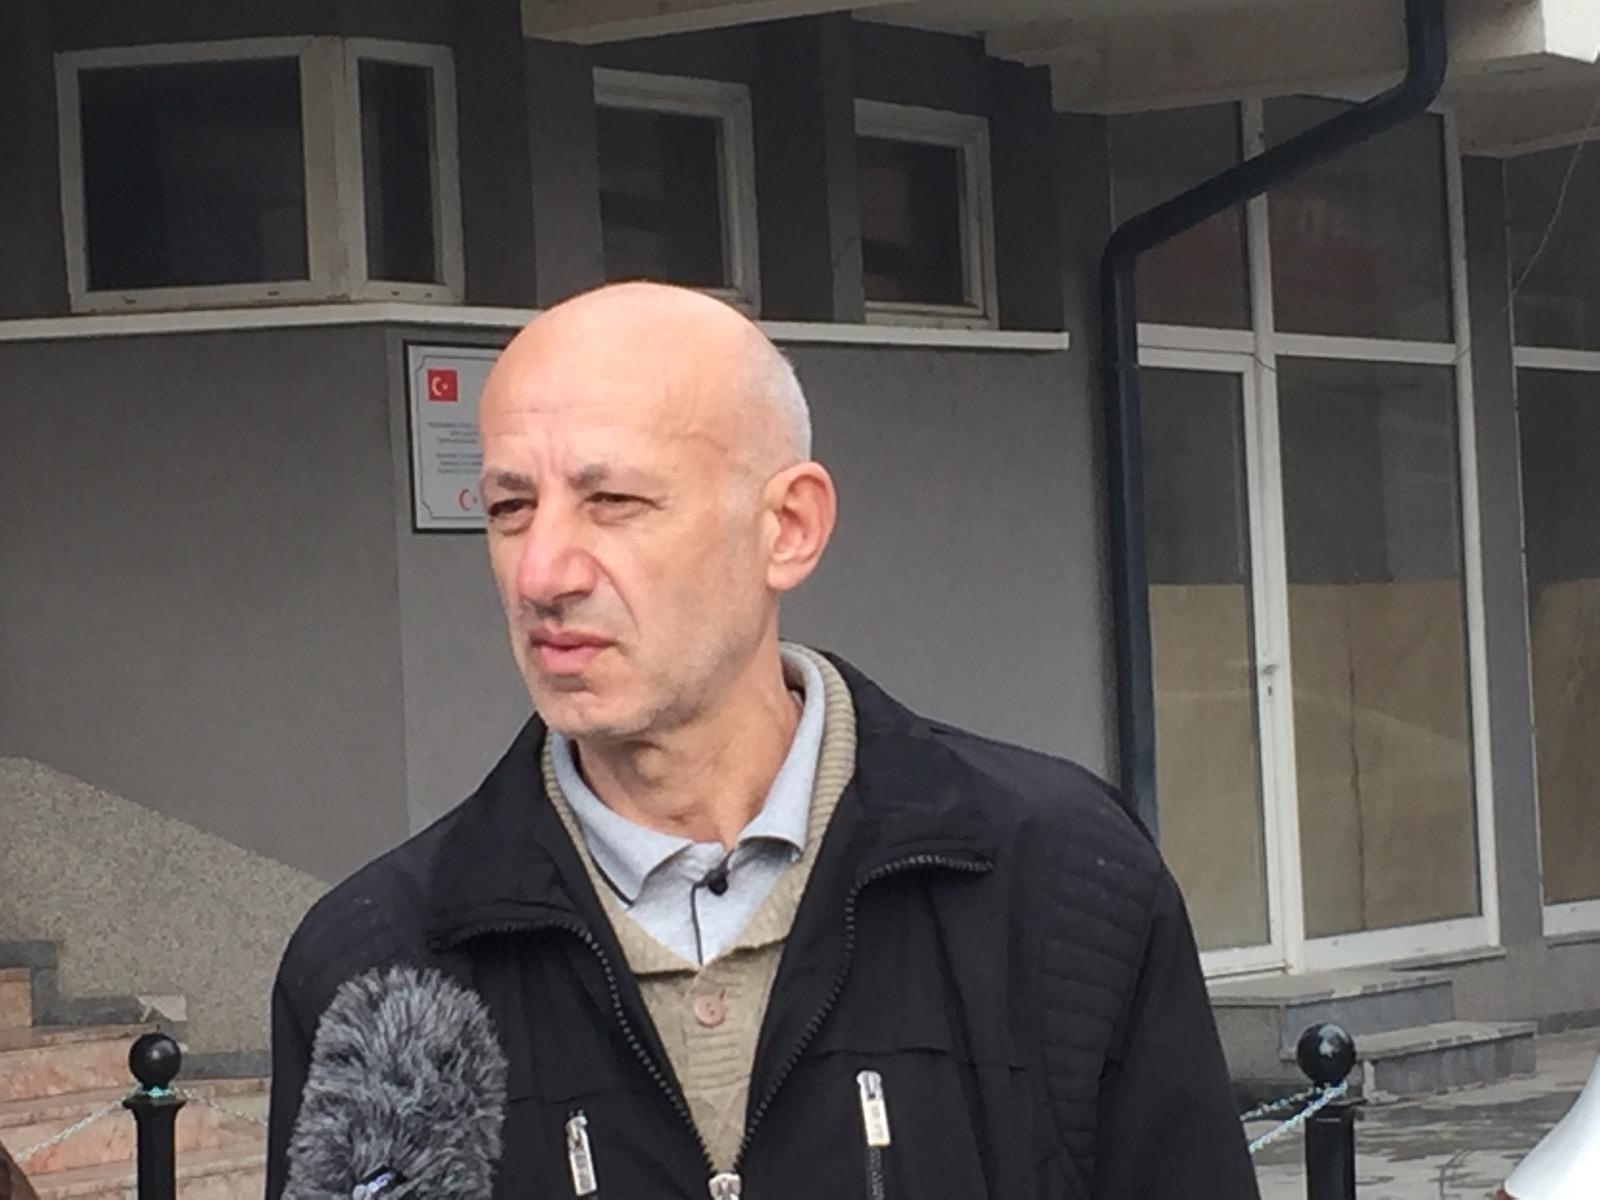 Održano suđenje protiv Islamske zajednice po tužbi Ramiza Dugopoljaca (video)